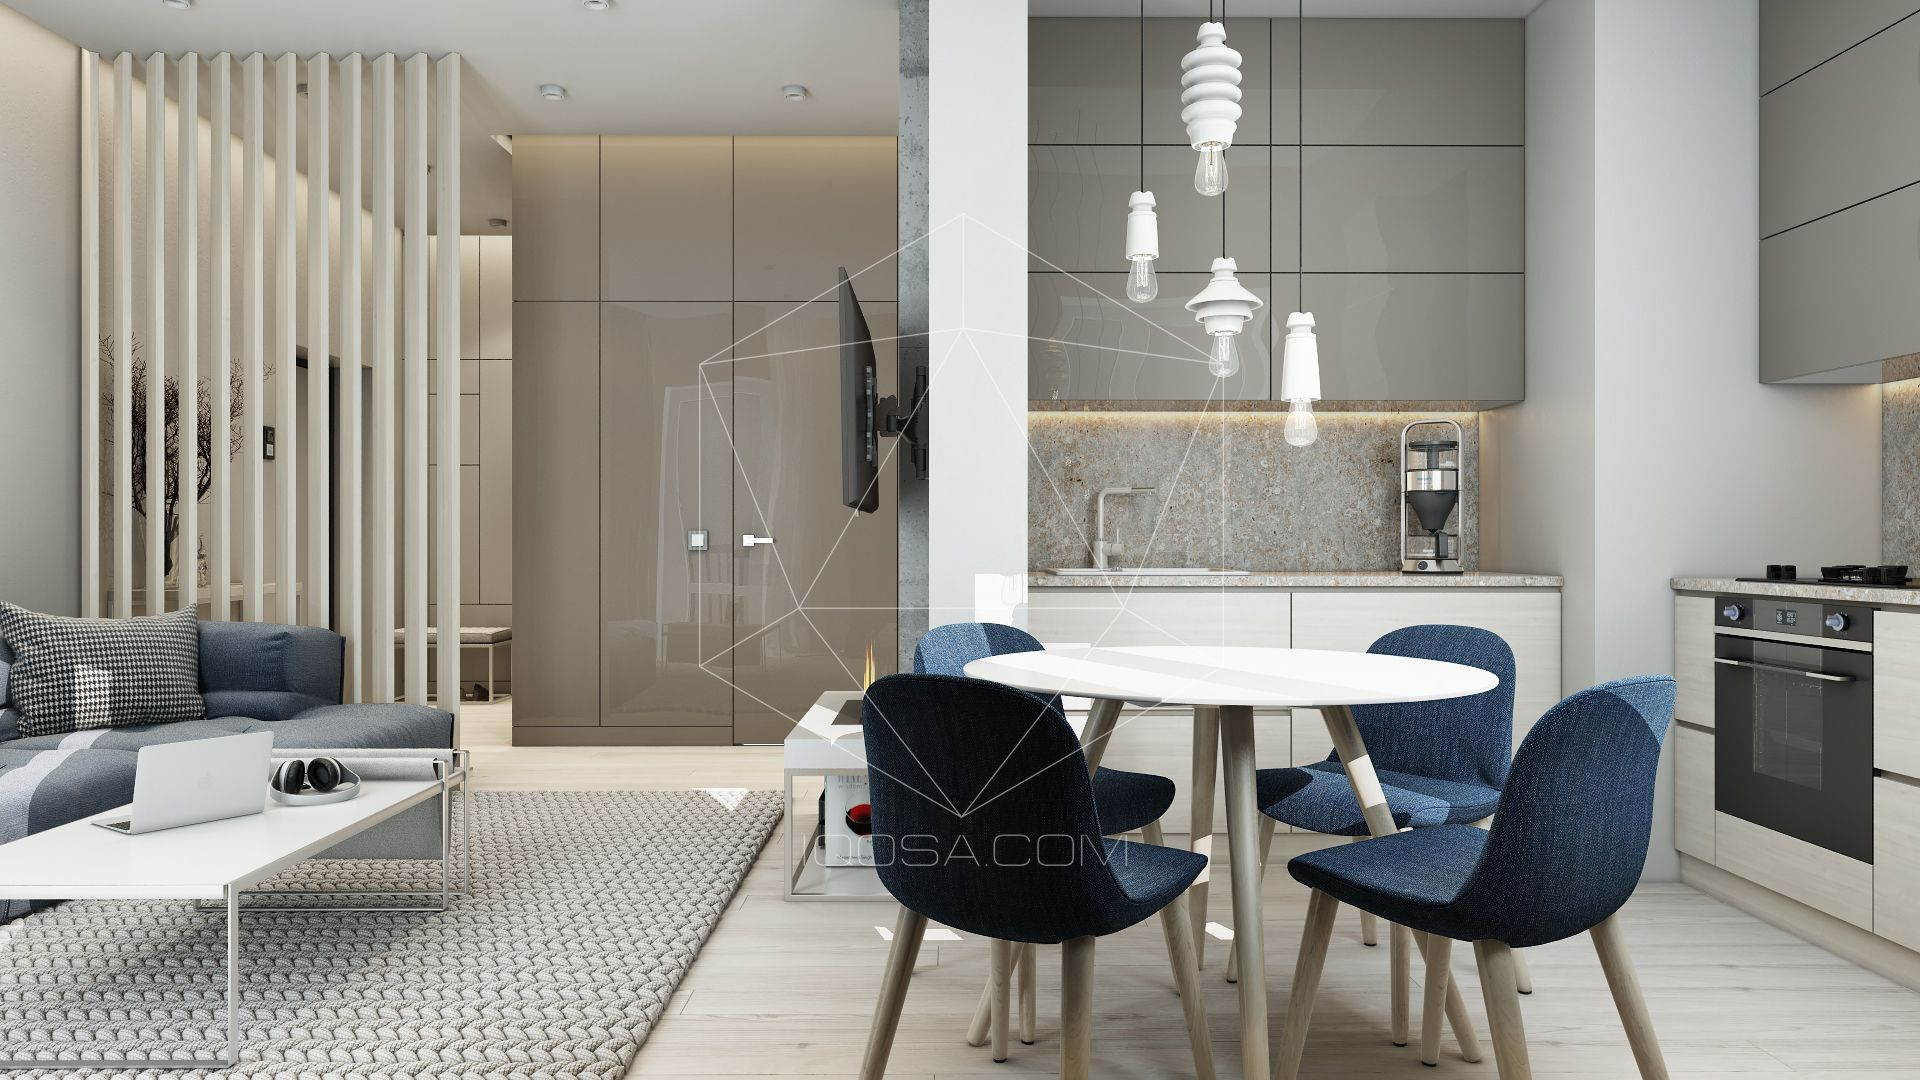 Apartment in ukraine iqosa design interior interiordesign apartment architecture architect